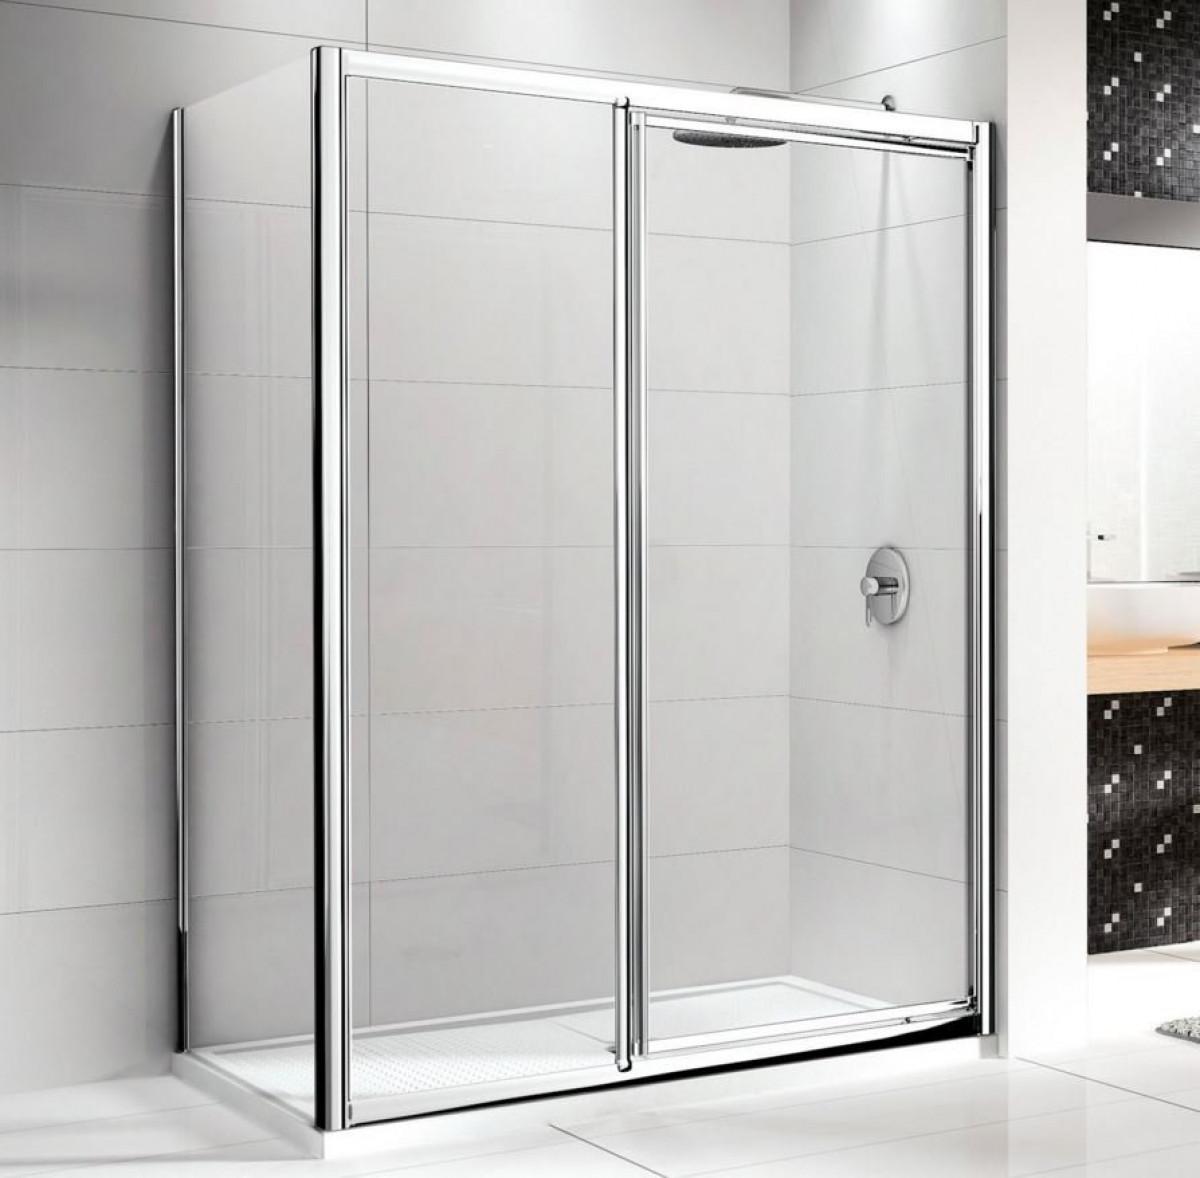 Novellini lunes in line pivot shower doors for Novellini shower doors